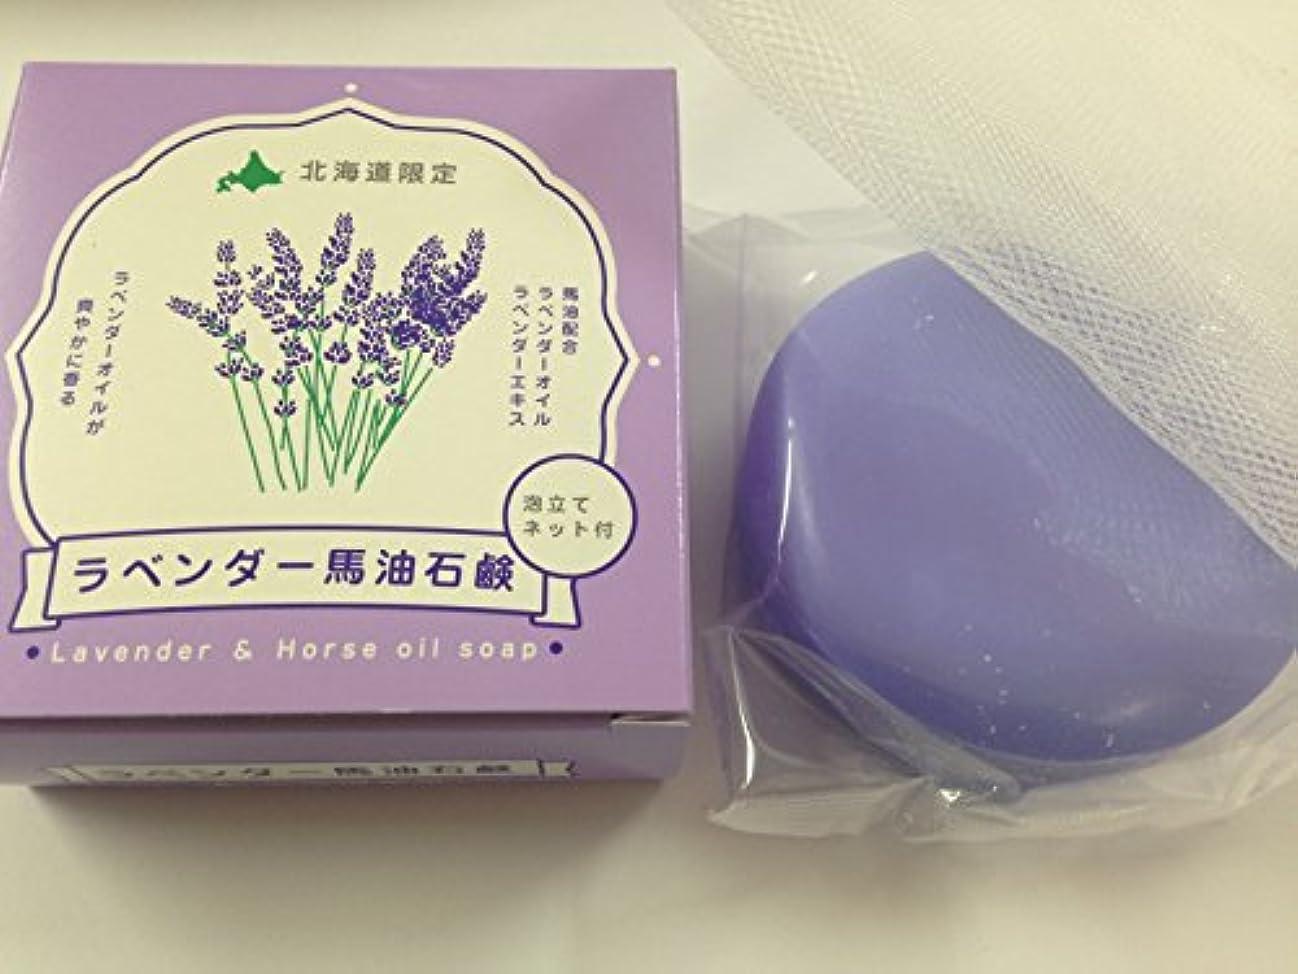 靄離れてカバーラベンダー馬油石けん?泡立てネット付き 100g ?Lavender & Horse oil Soap